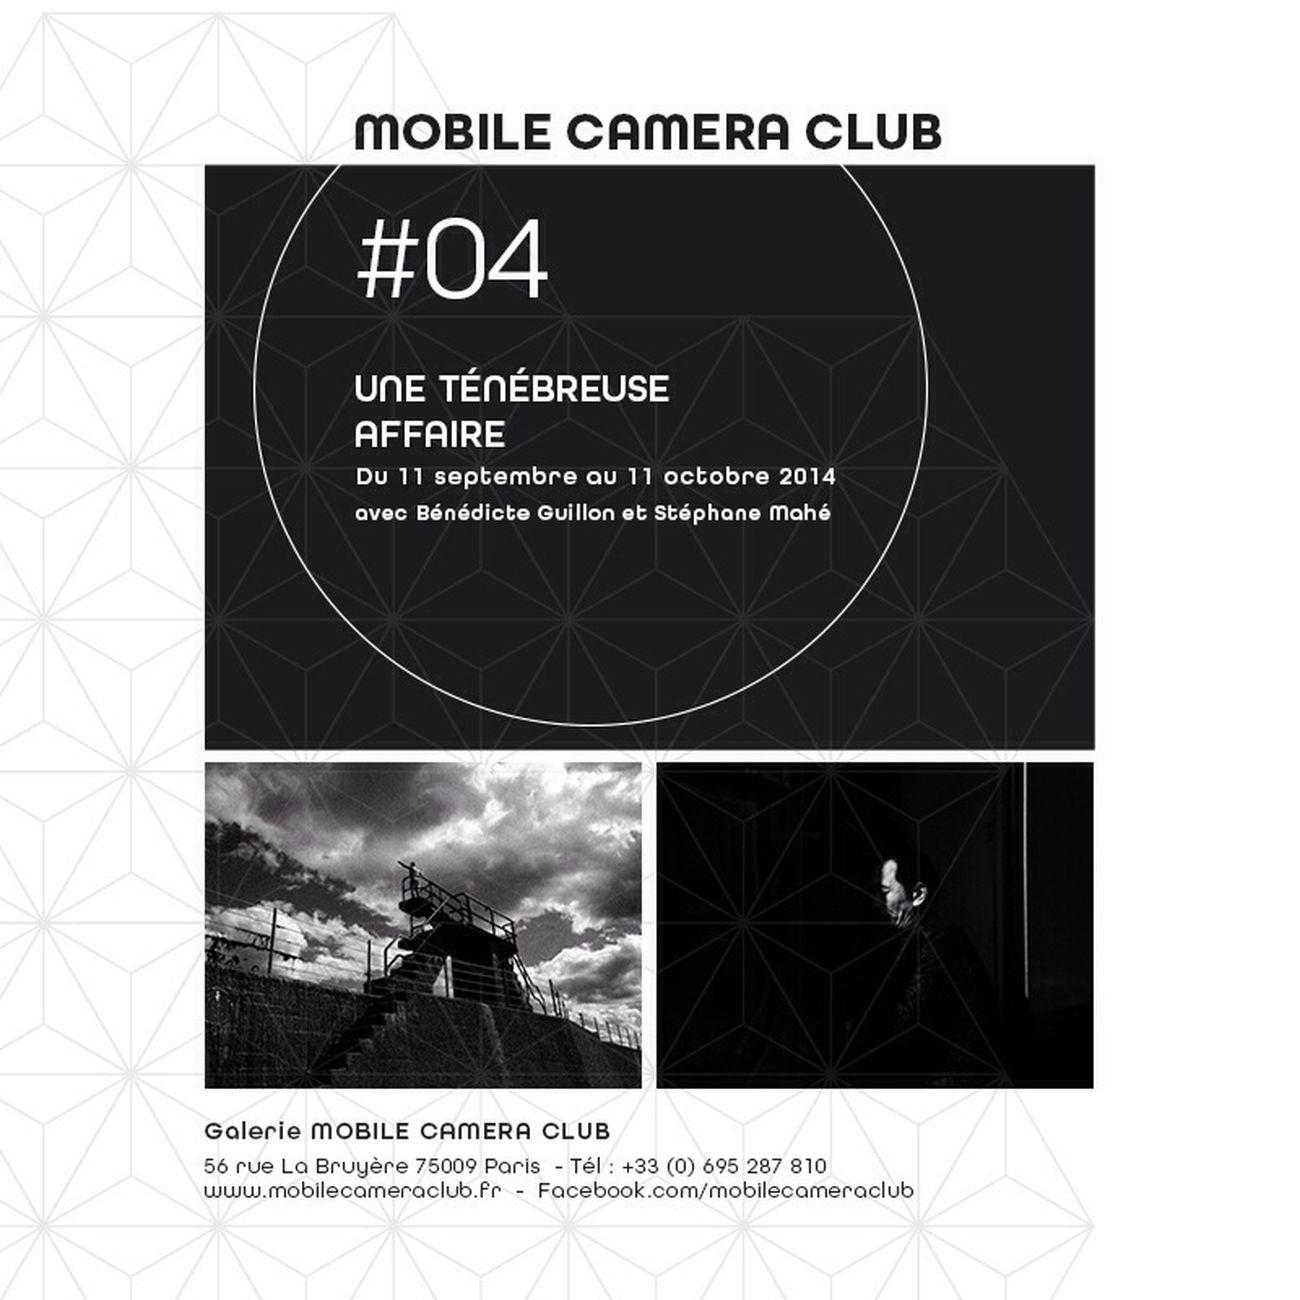 J'expose en compagnie de la photographe Bénédicte Guilllon, à la galerie Mobile Camera Club - Paris 9ème du 11 septembre au 11 octobre 2014. Plus d'infos, ici : http://www.mobilecameraclub.fr/pages/les-expositions